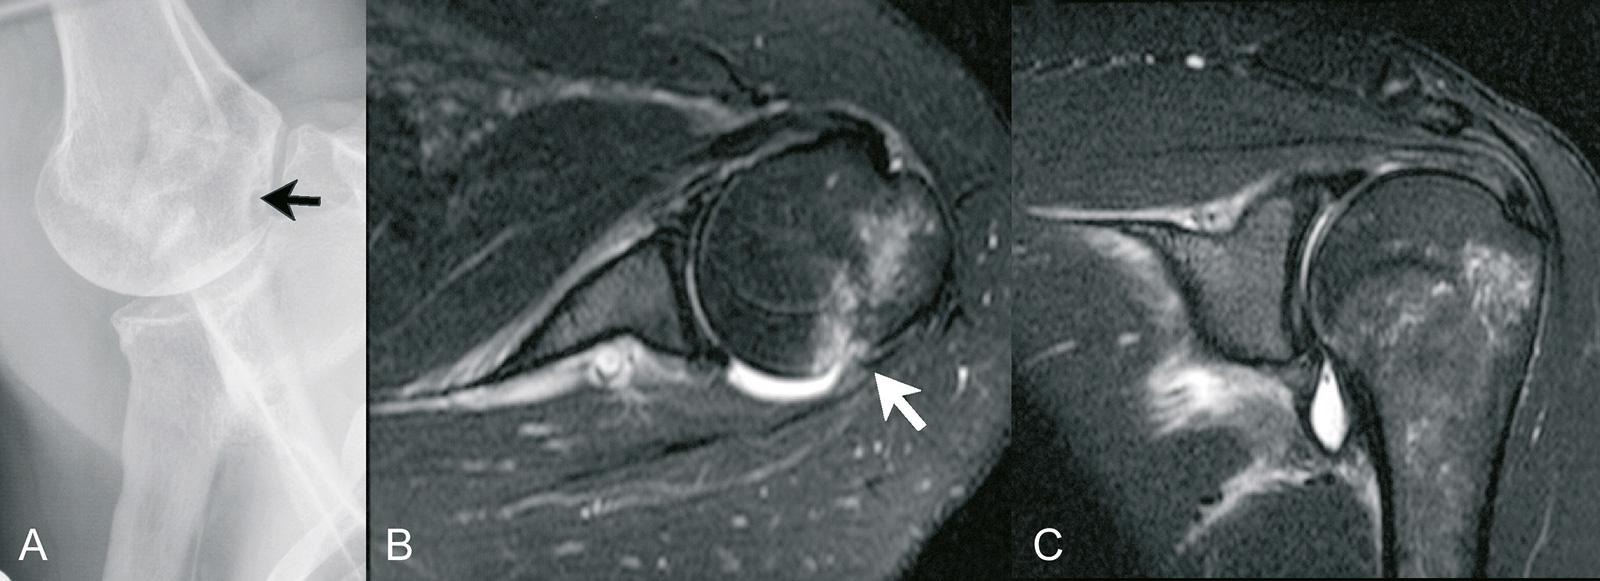 Abb. 2-30: Zustand nach traumatischer Schulterluxation. Die Hill-Sachs-Delle zeigt sich in der Stryker-Aufnahme (A), sowie in der MRT-Bildgebung (B,C) (Eigentum des Instituts für Klinische Radiologie der Universität Münster)